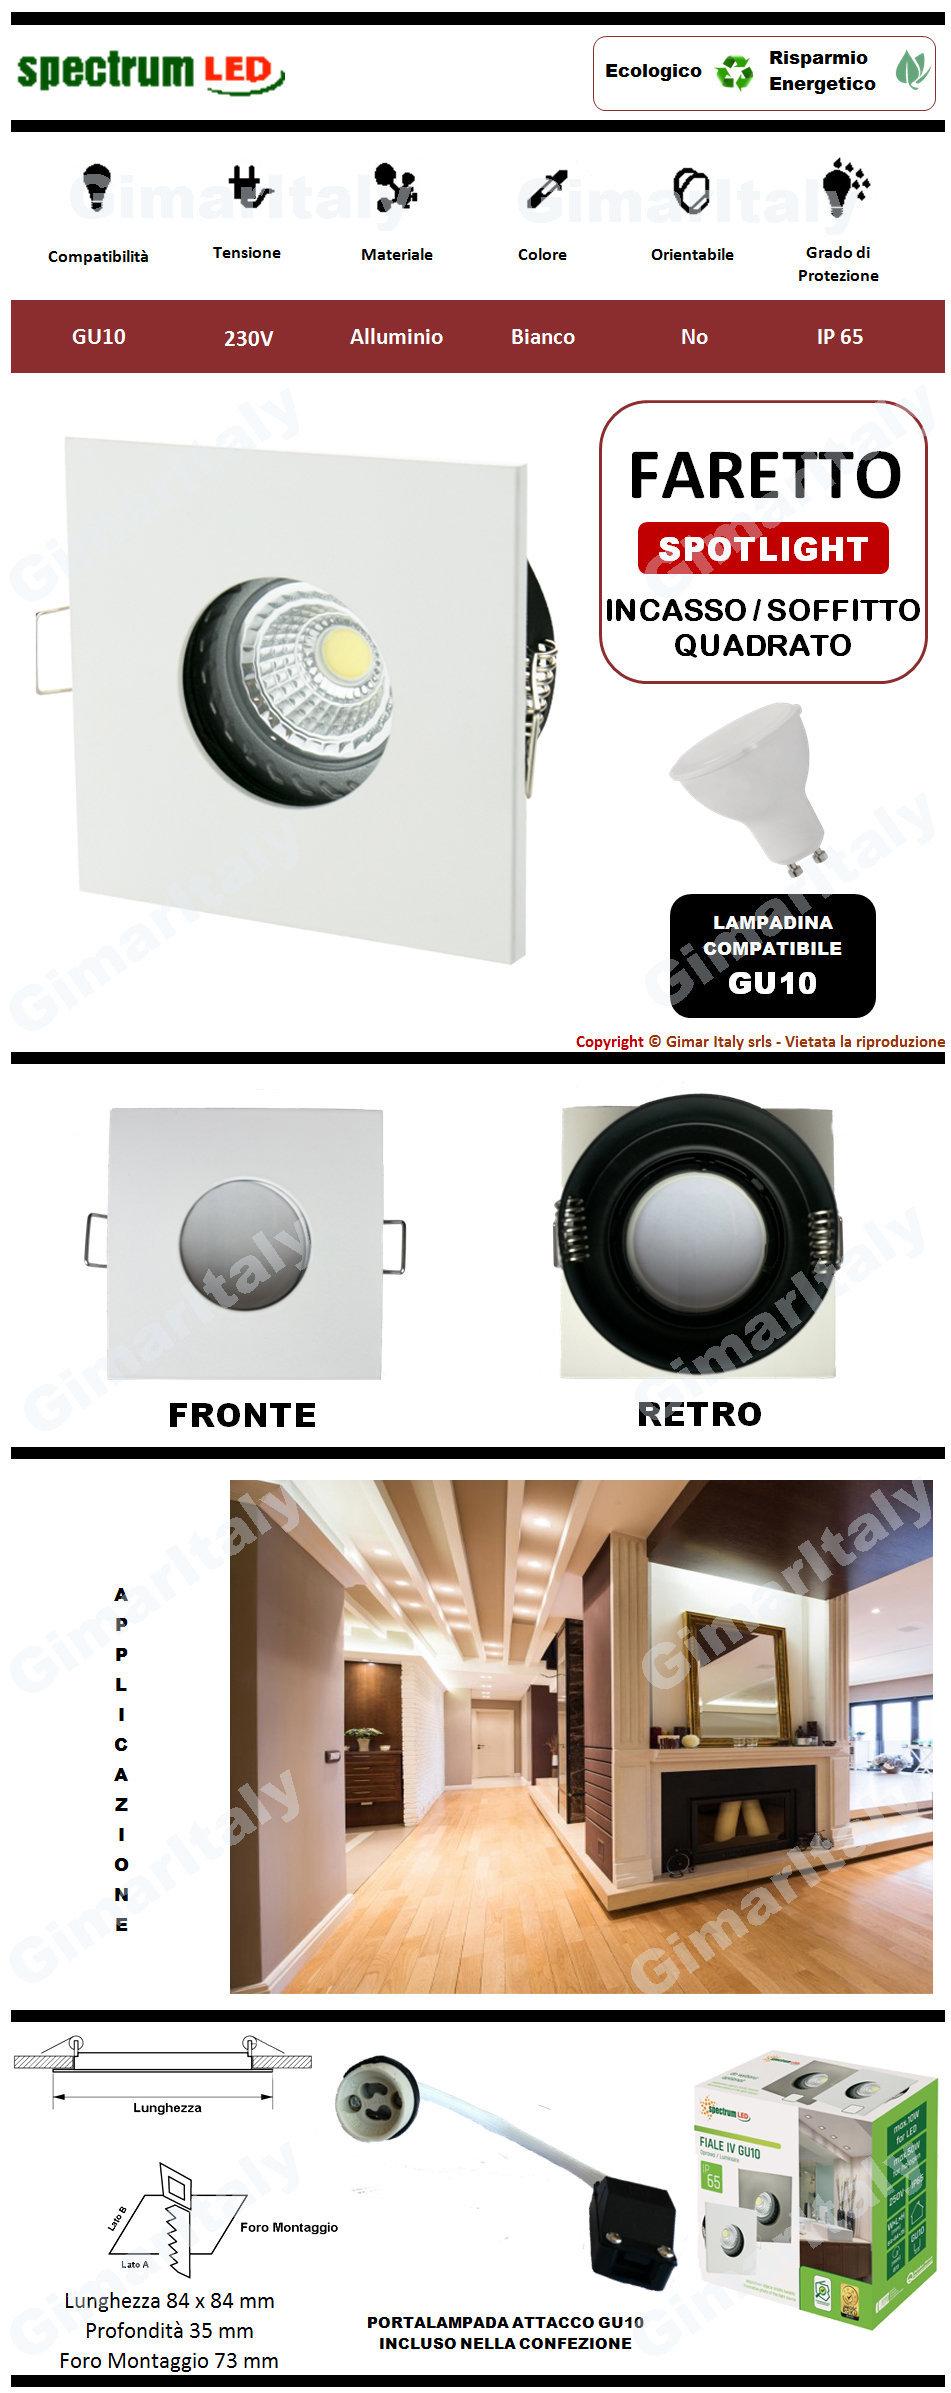 Portafaretto IP65 Quadrato bianco da incasso per lampadina GU10 Spectrum